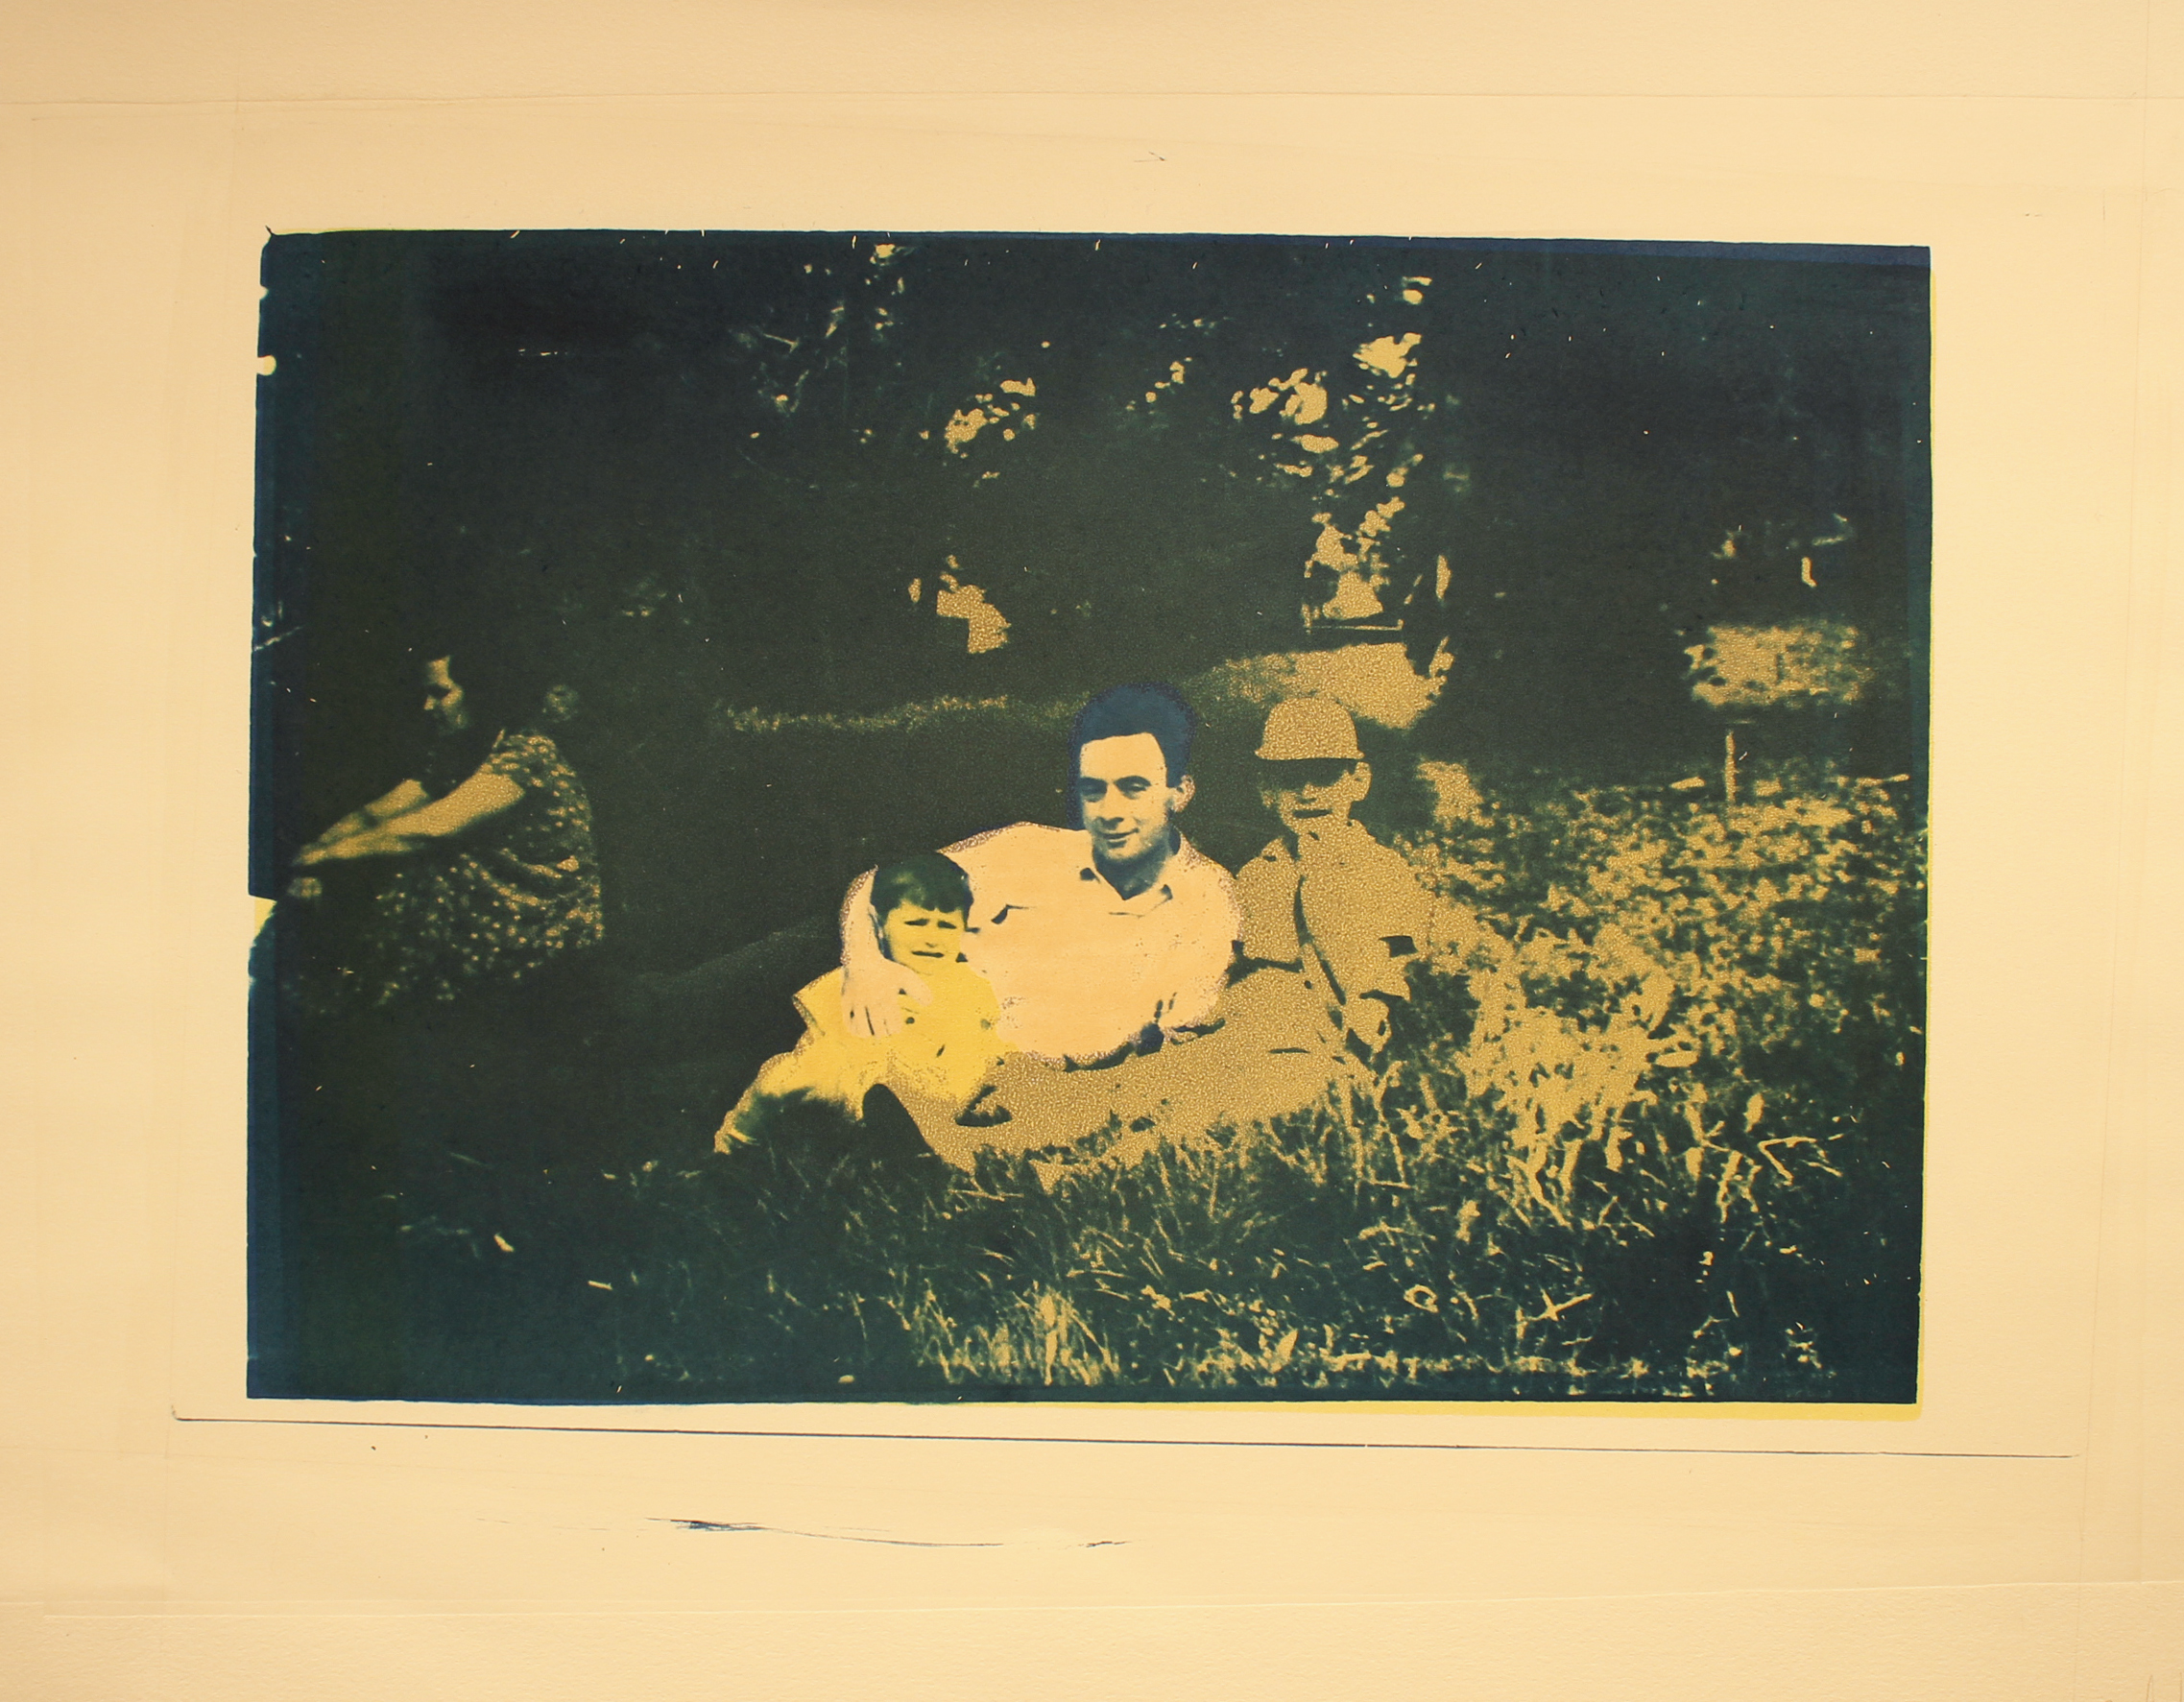 Saba with two boys cyanotye with monotype